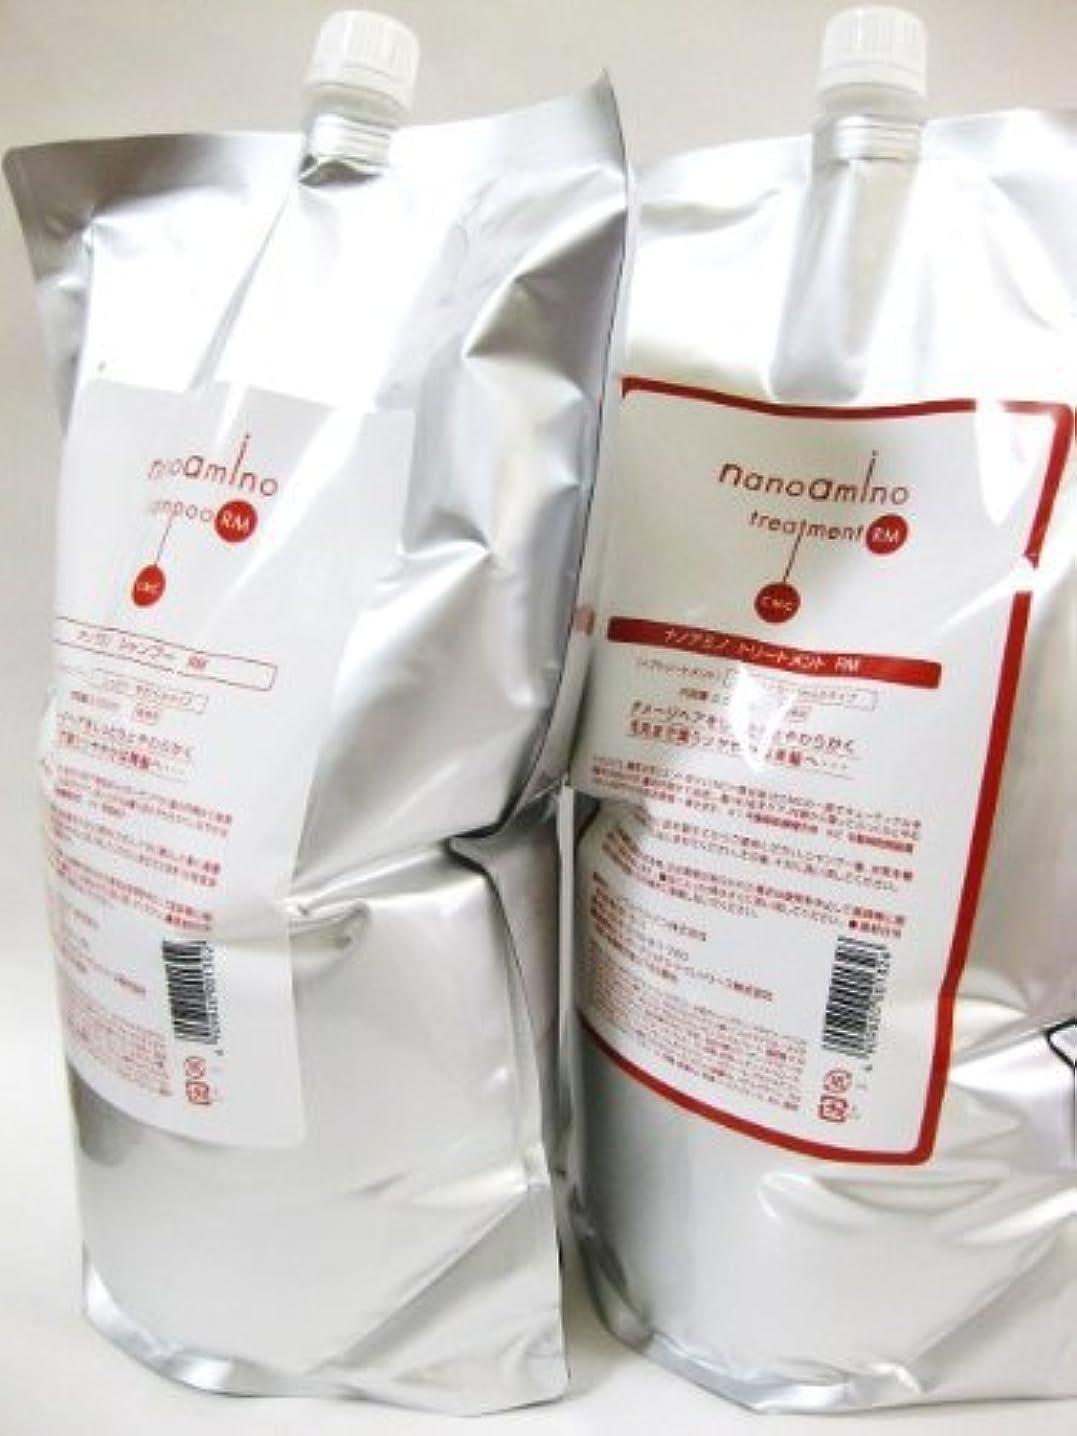 追う制限安西ニューウェイジャパン ナノアミノ RM 2500 詰替えタイプ 合わせて5キロ!![ビックサイズ]セット